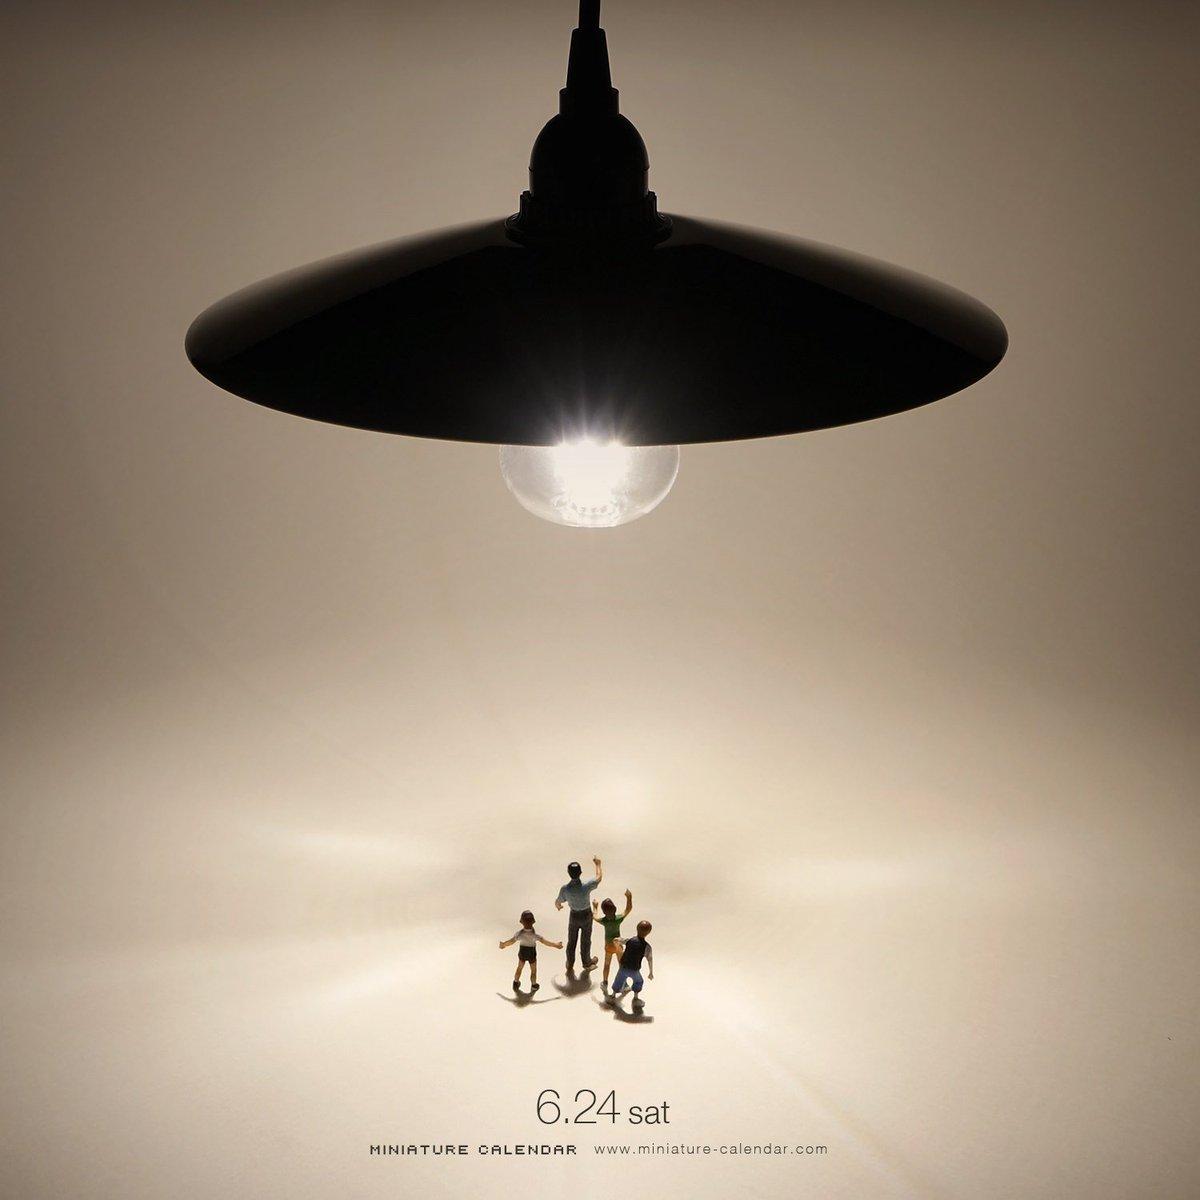 UFOというよりLED?   #UFO記念日 #空飛ぶ円盤記念日 #UFOの日  #ペンダントライト #UFO https://t.co/j...